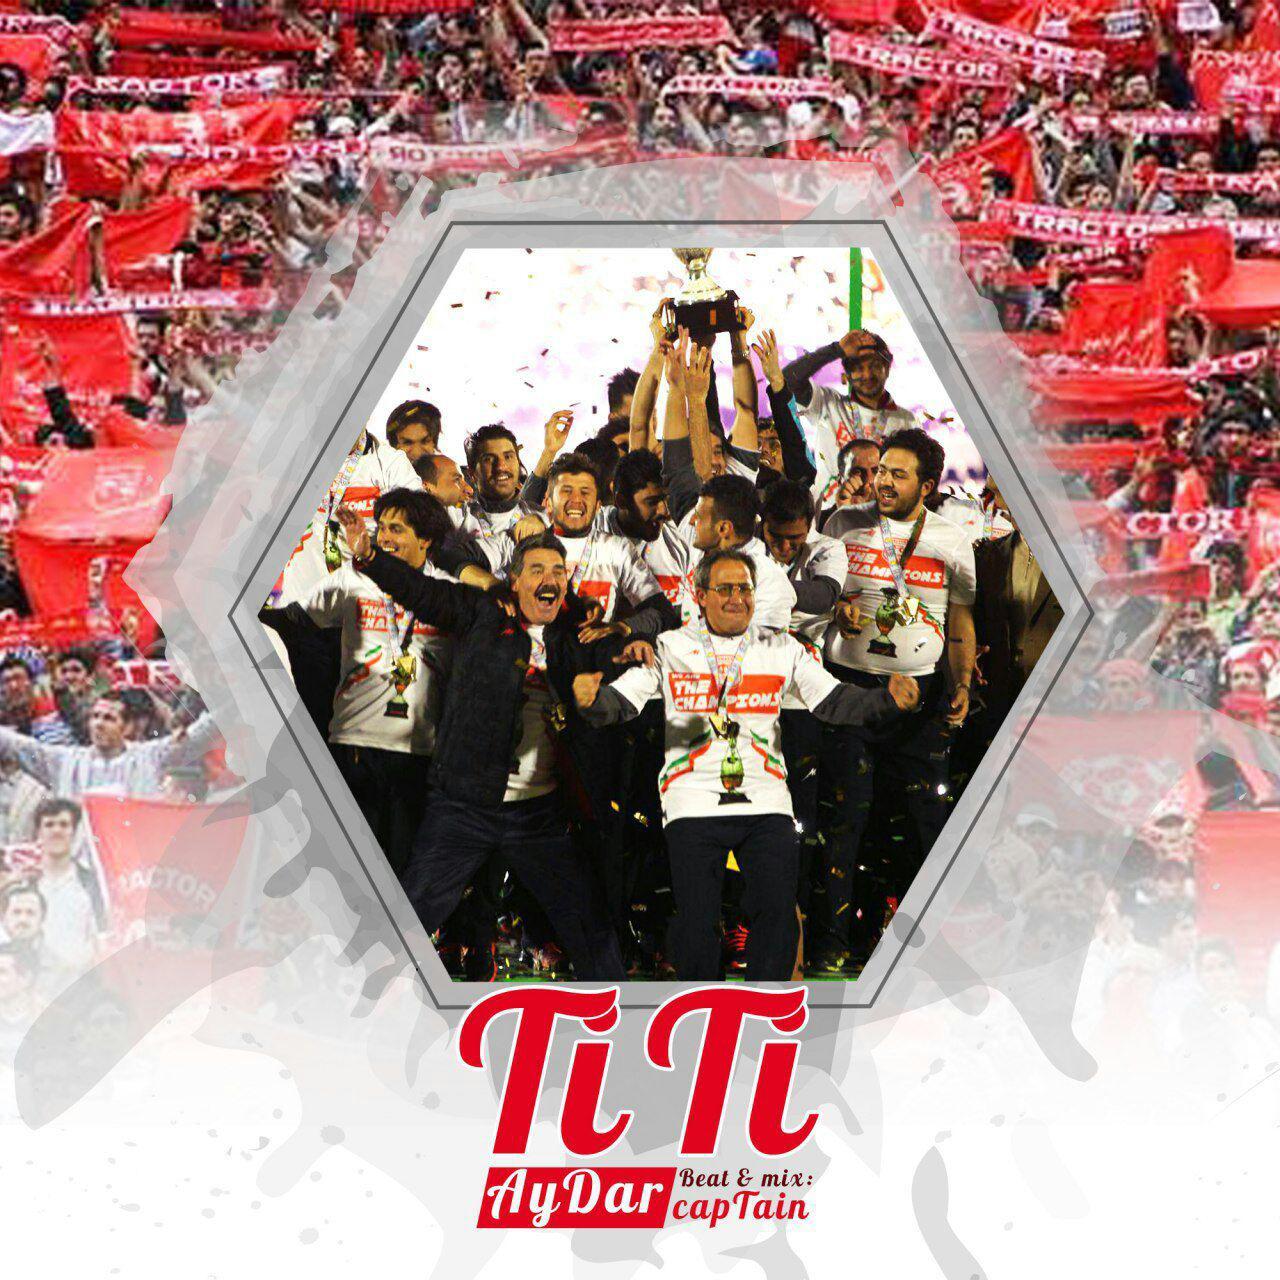 http://s8.picofile.com/file/8337364000/02Aydar_TI_Ti.jpg